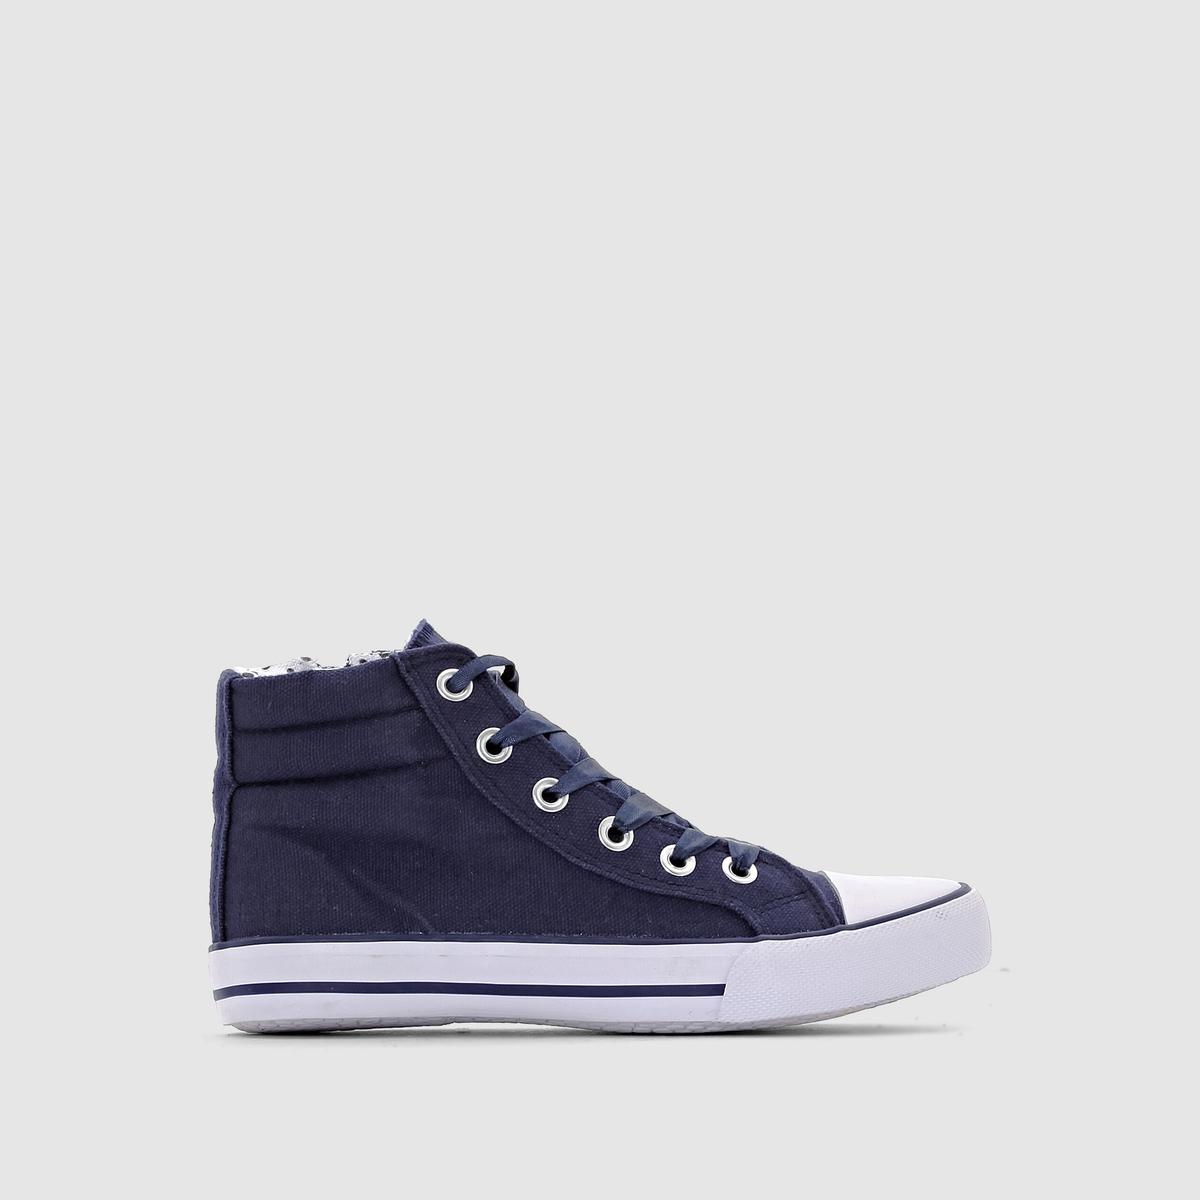 Кеды с атласными шнурками 26-39Описание:Детали •  Кеды высокие •  Спортивный стиль •  Плоский каблук •  Застежка : шнуровка •  Гладкая отделкаСостав и уход • Верх 100% хлопок •  Подкладка 100% хлопок<br><br>Цвет: темно-синий<br>Размер: 27.28.29.30.31.32.33.34.35.36.38